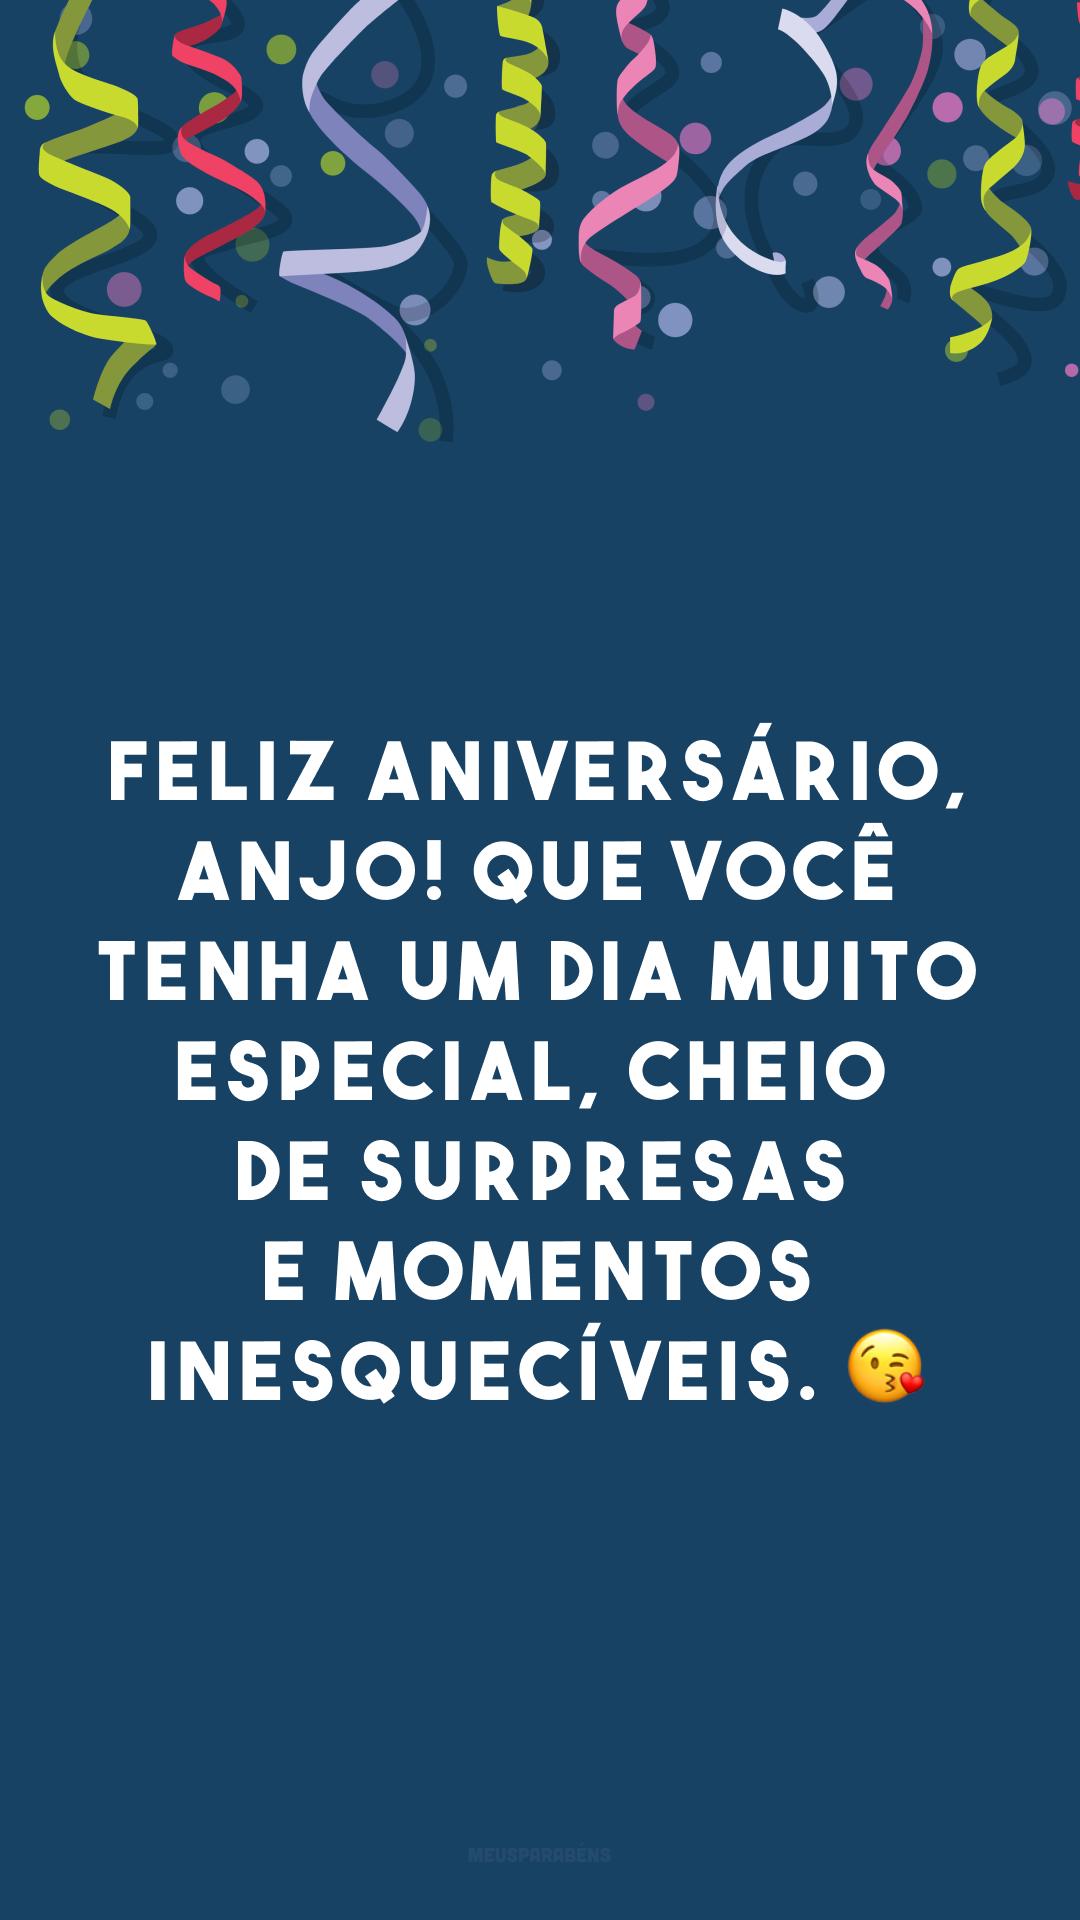 Feliz aniversário, anjo! Que você tenha um dia muito especial, cheio de surpresas e momentos inesquecíveis. 😘